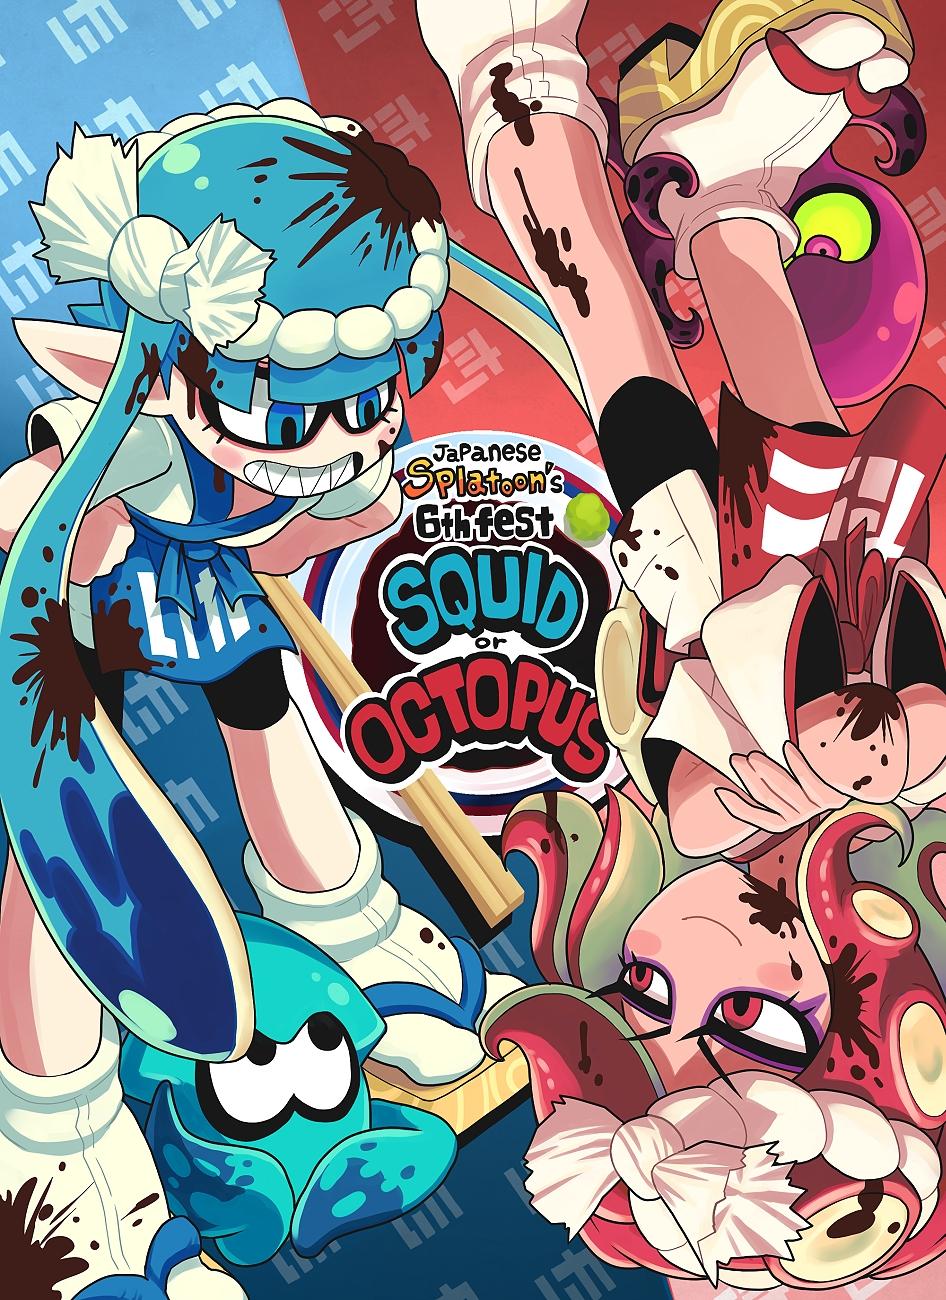 Squid or Octopus by Gashi-gashi